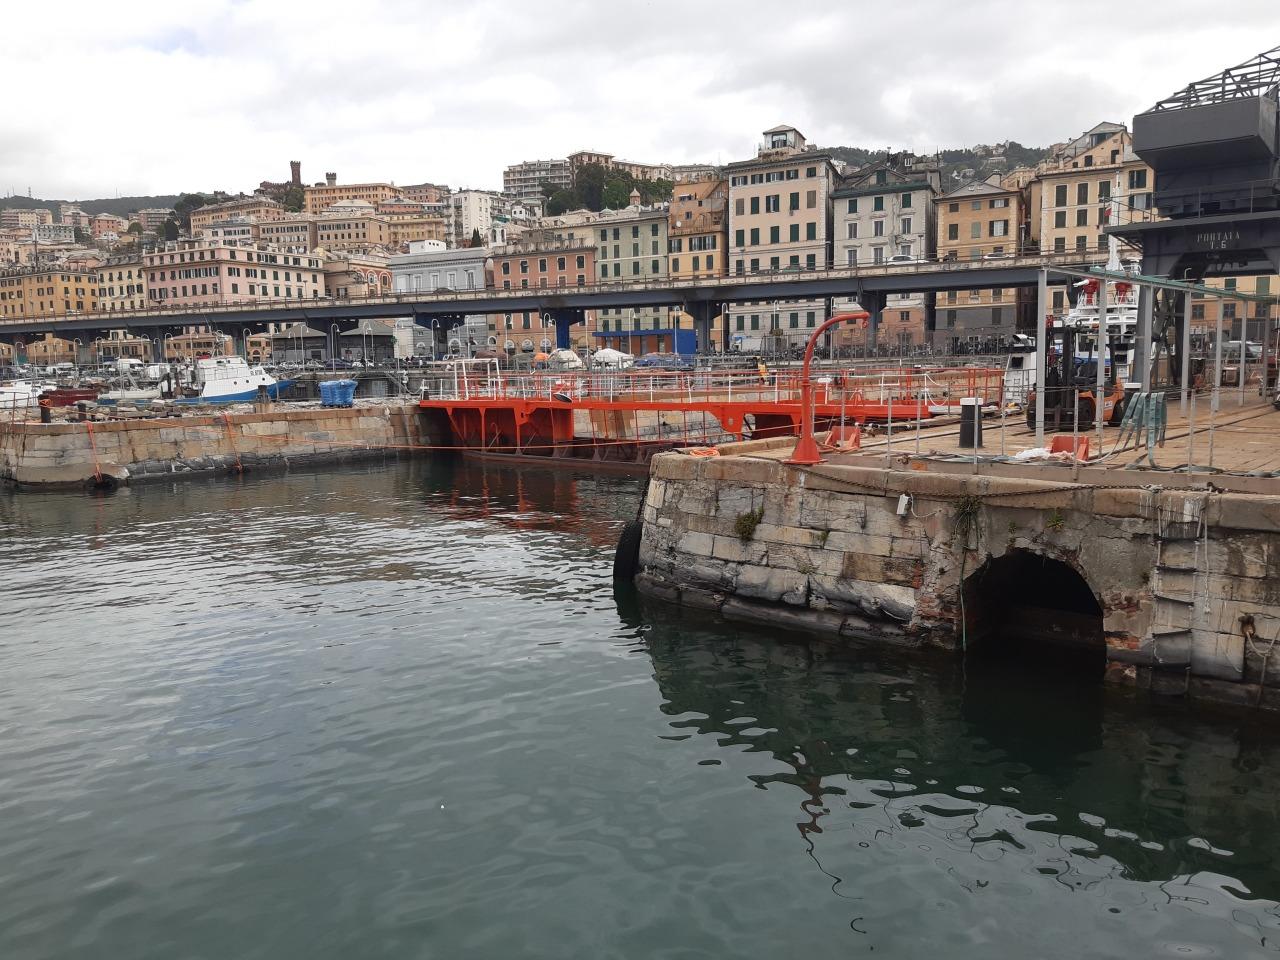 Negozio / Locale in vendita a Genova, 1 locali, prezzo € 49.000   PortaleAgenzieImmobiliari.it